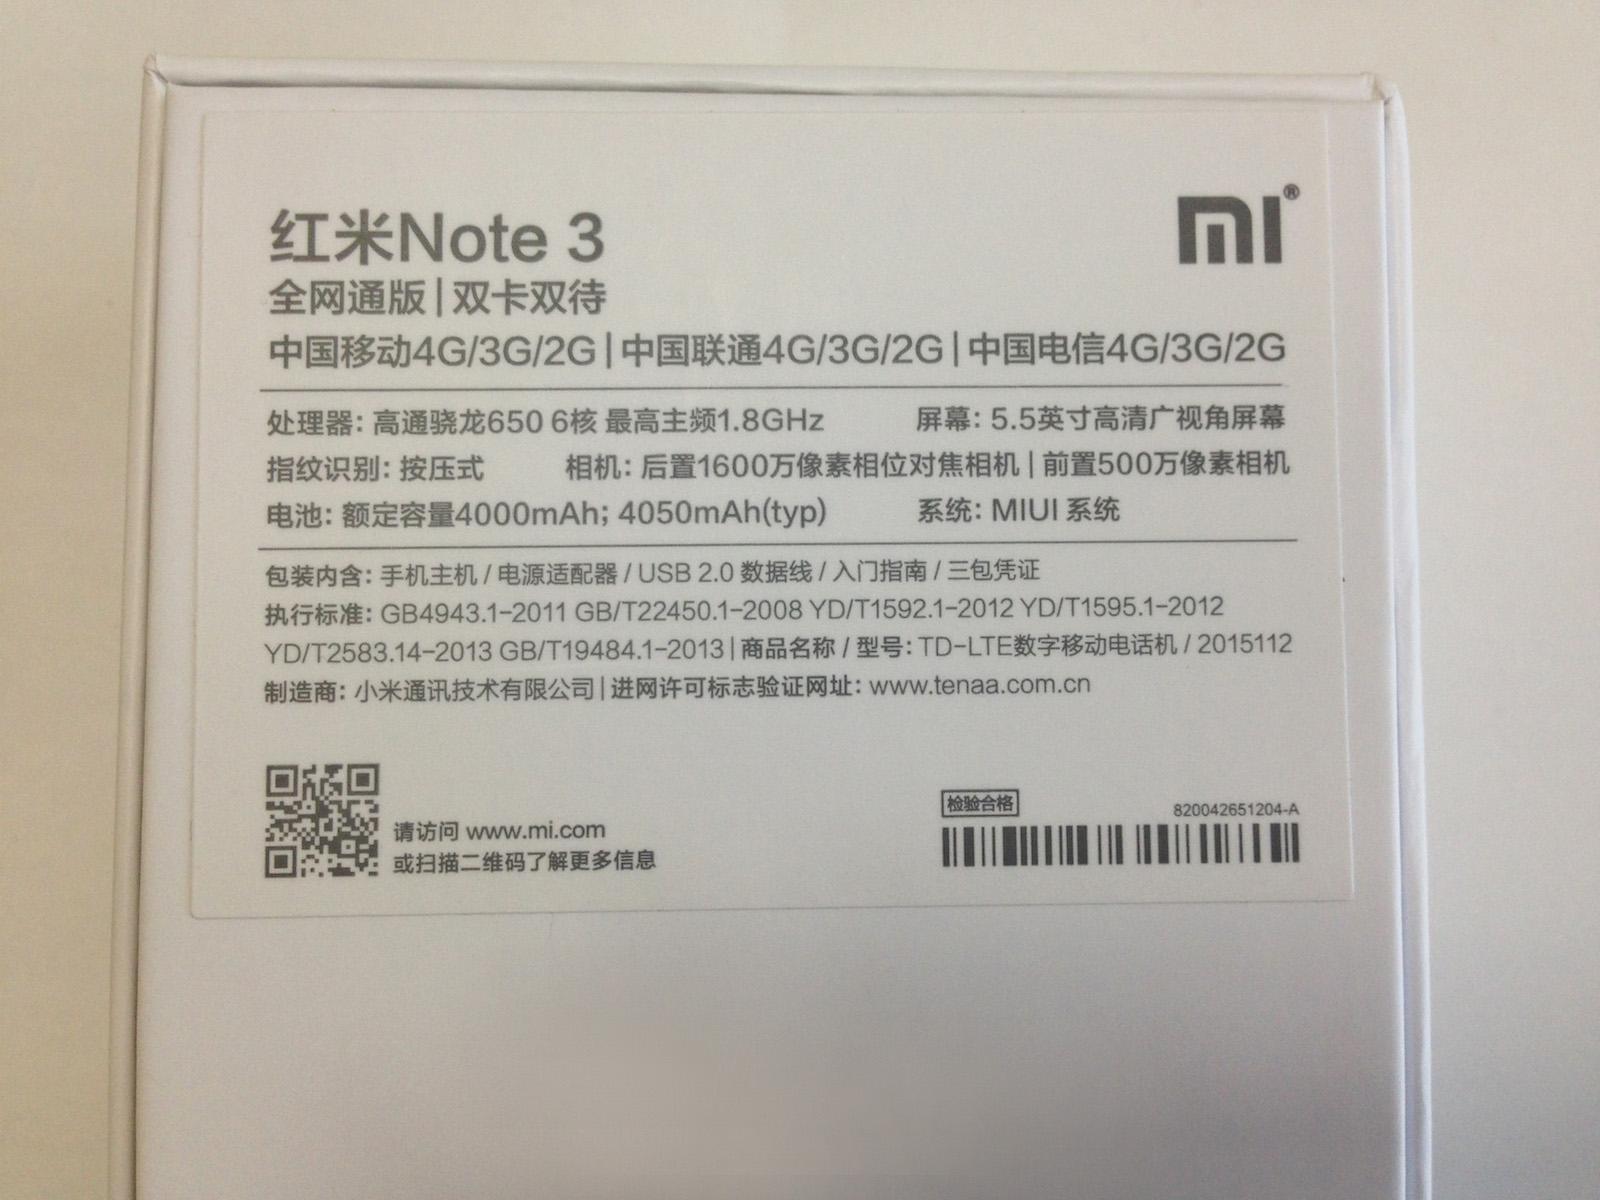 xiaomi-redmi-note-3-pro-review-box-spec